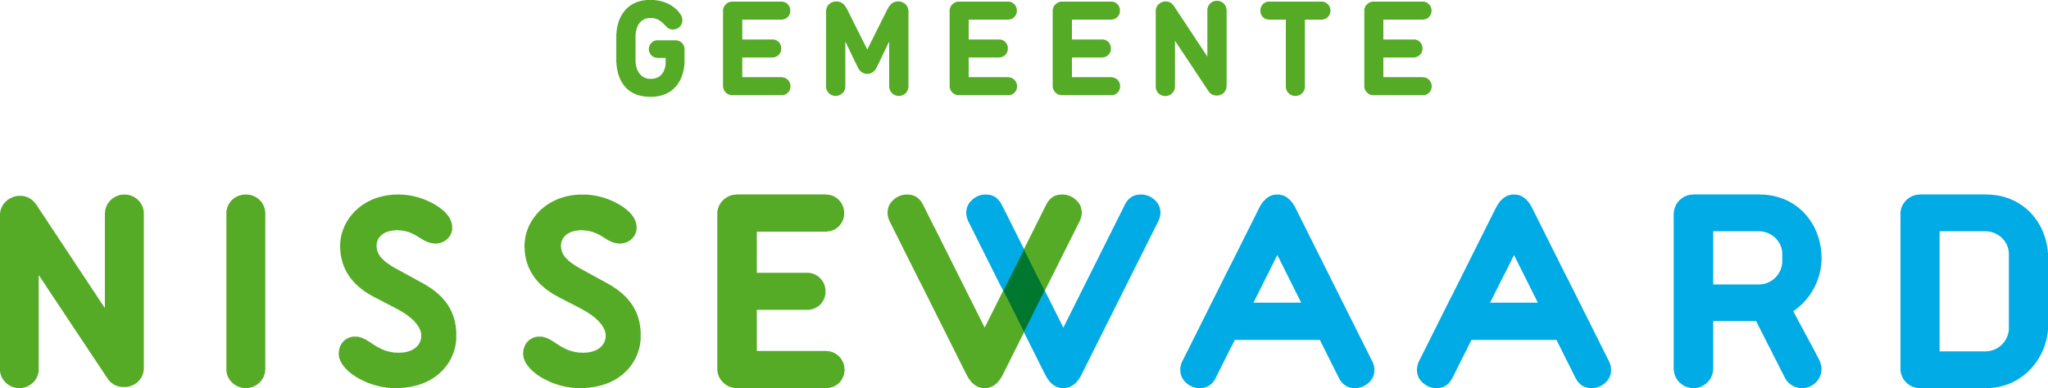 Gemeente Nissewaard logo